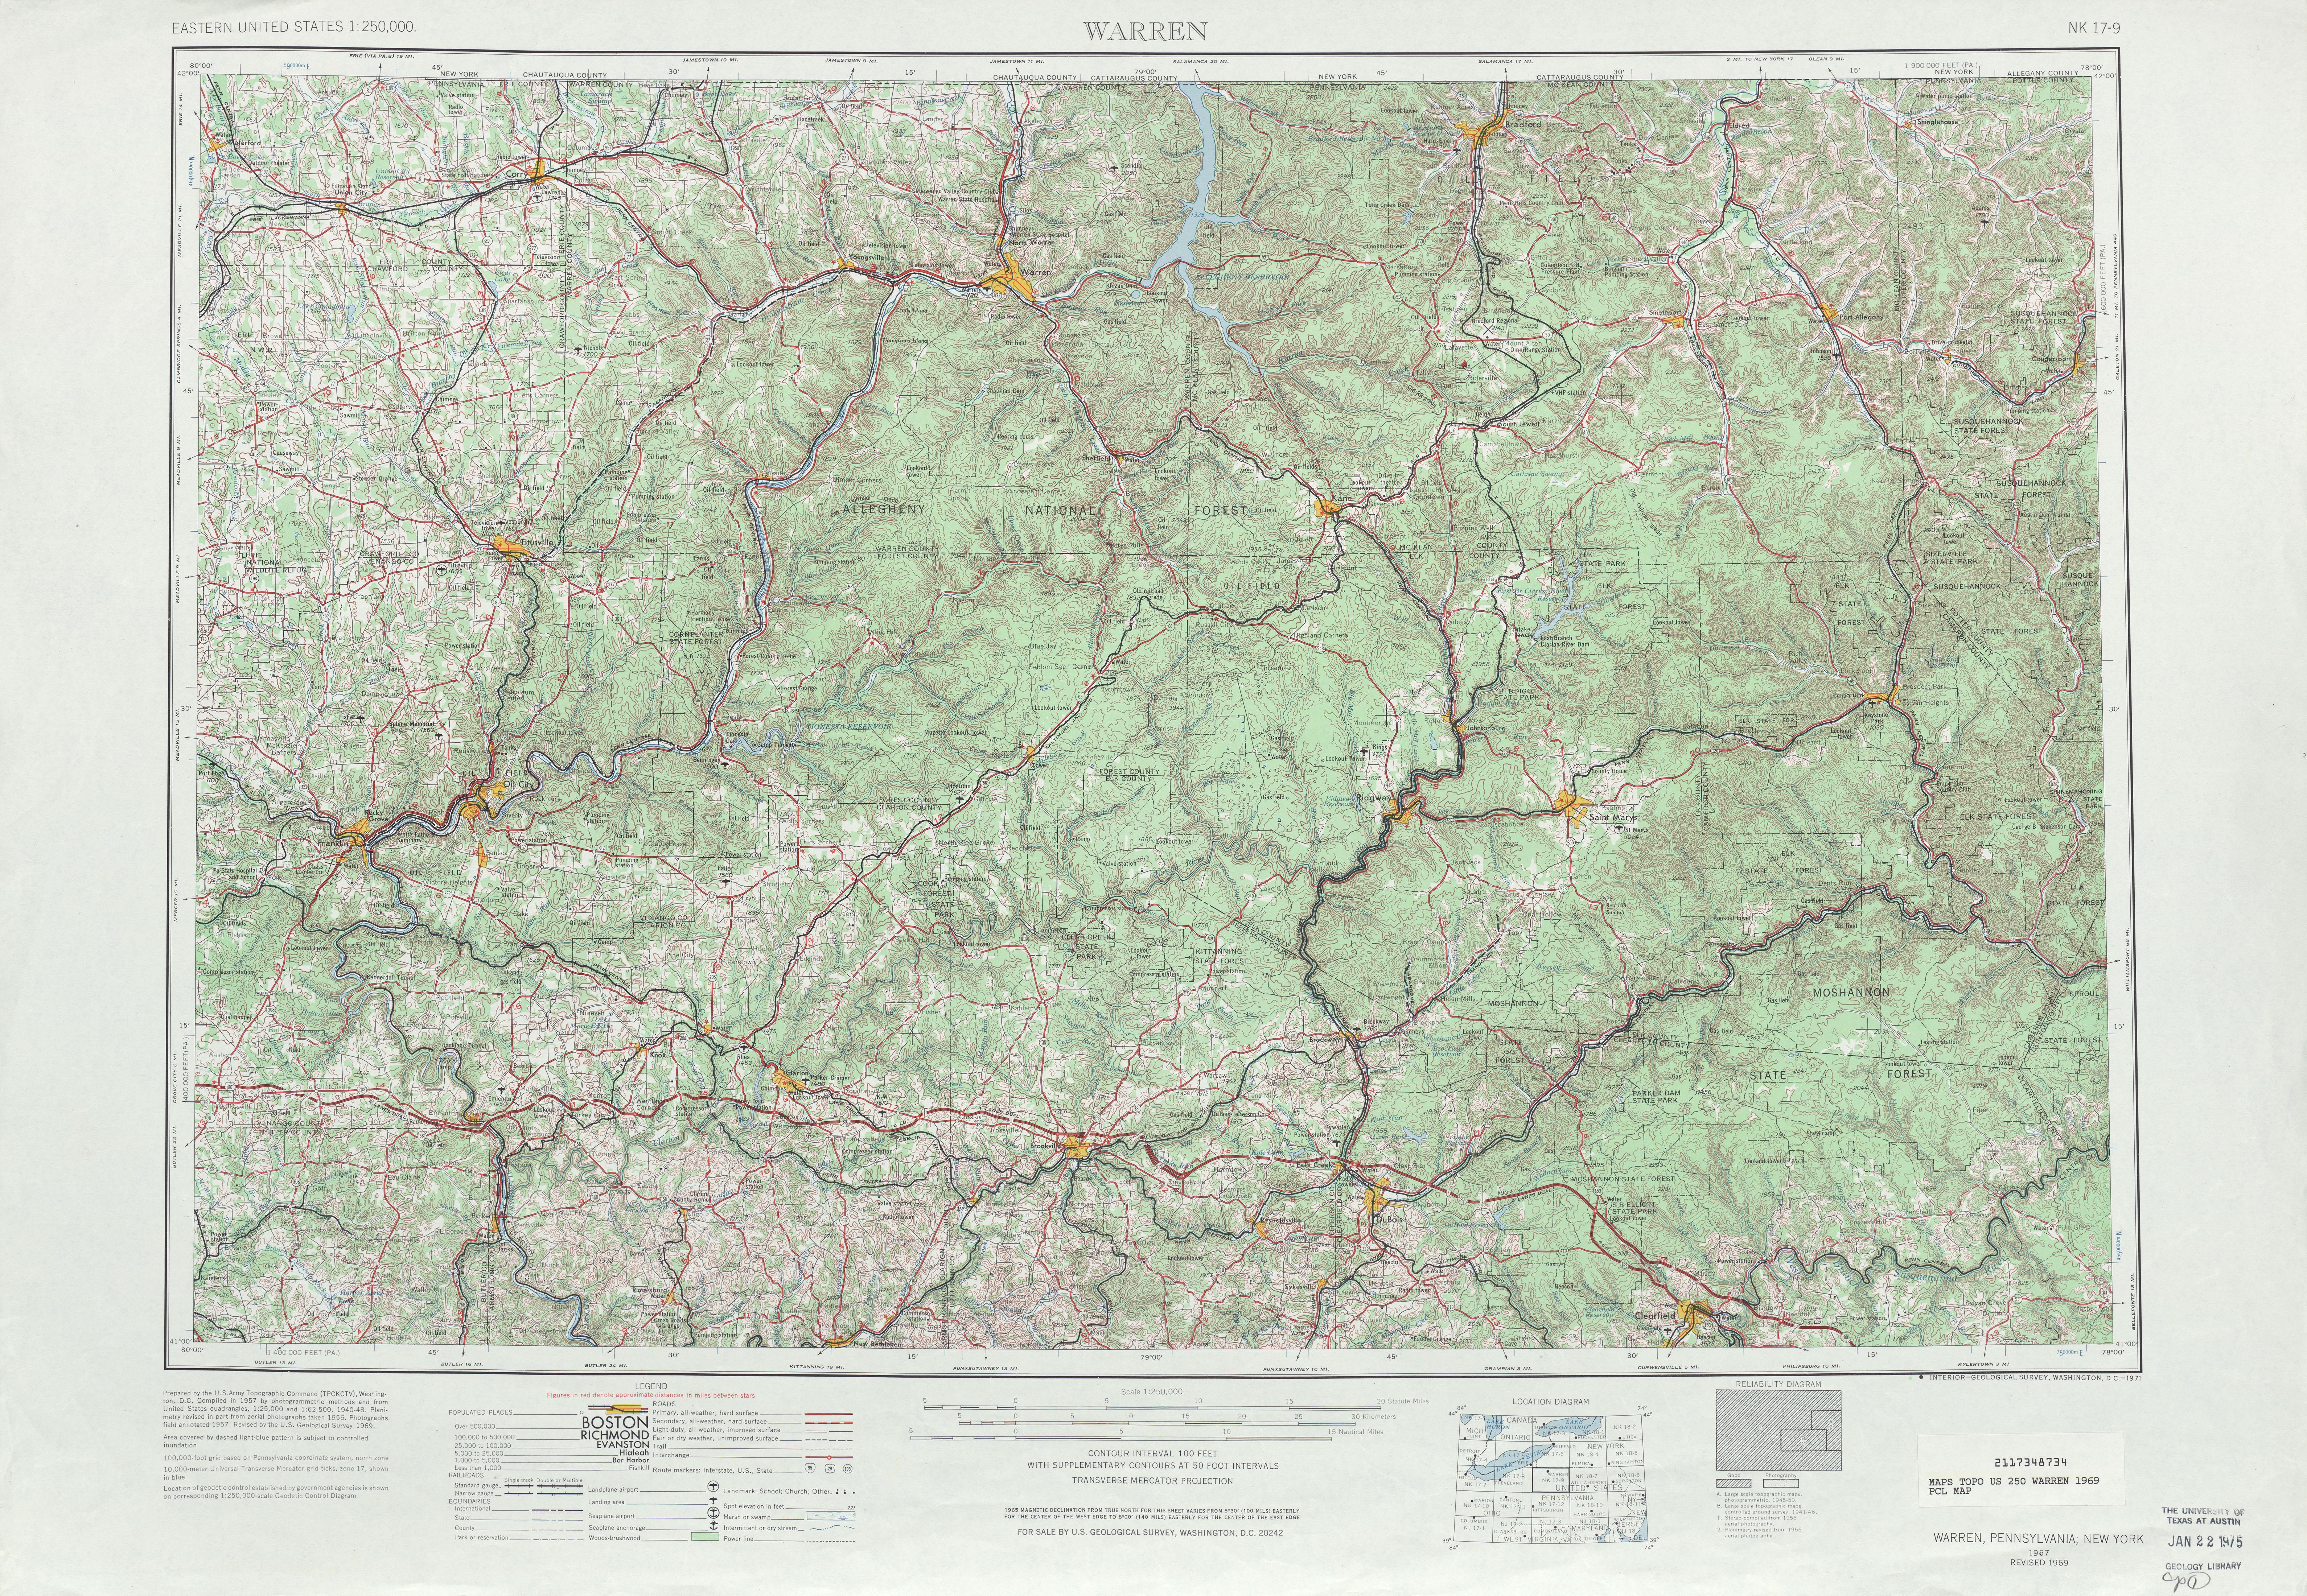 Hoja Guerraren del Mapa Topográfico de los Estados Unidos 1969